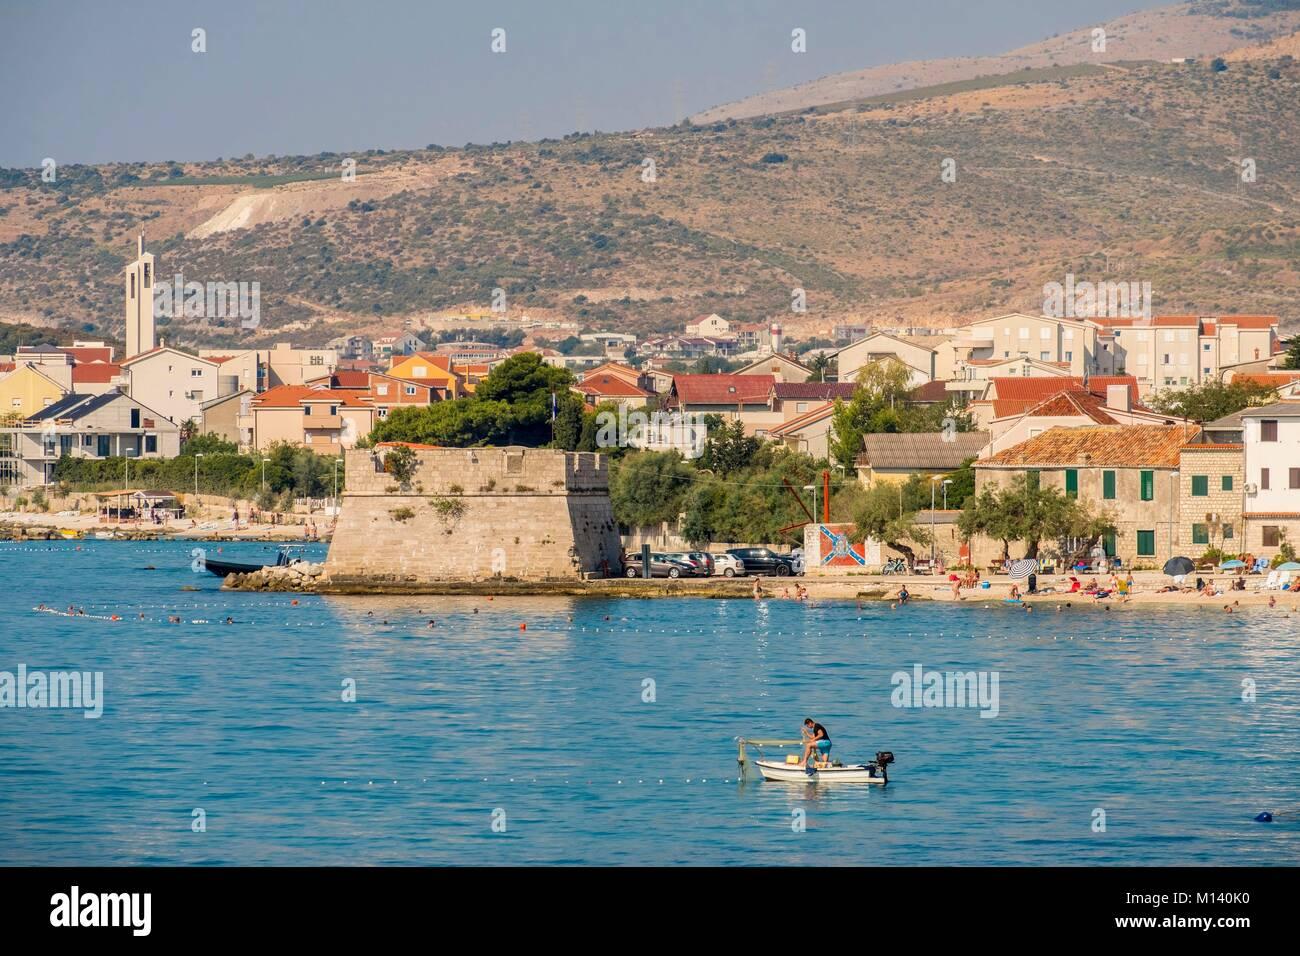 Croatia, North Dalmatia, Dalmatian coast, Zadar archipelago, Kastela, Kastel Novi harbour Stock Photo